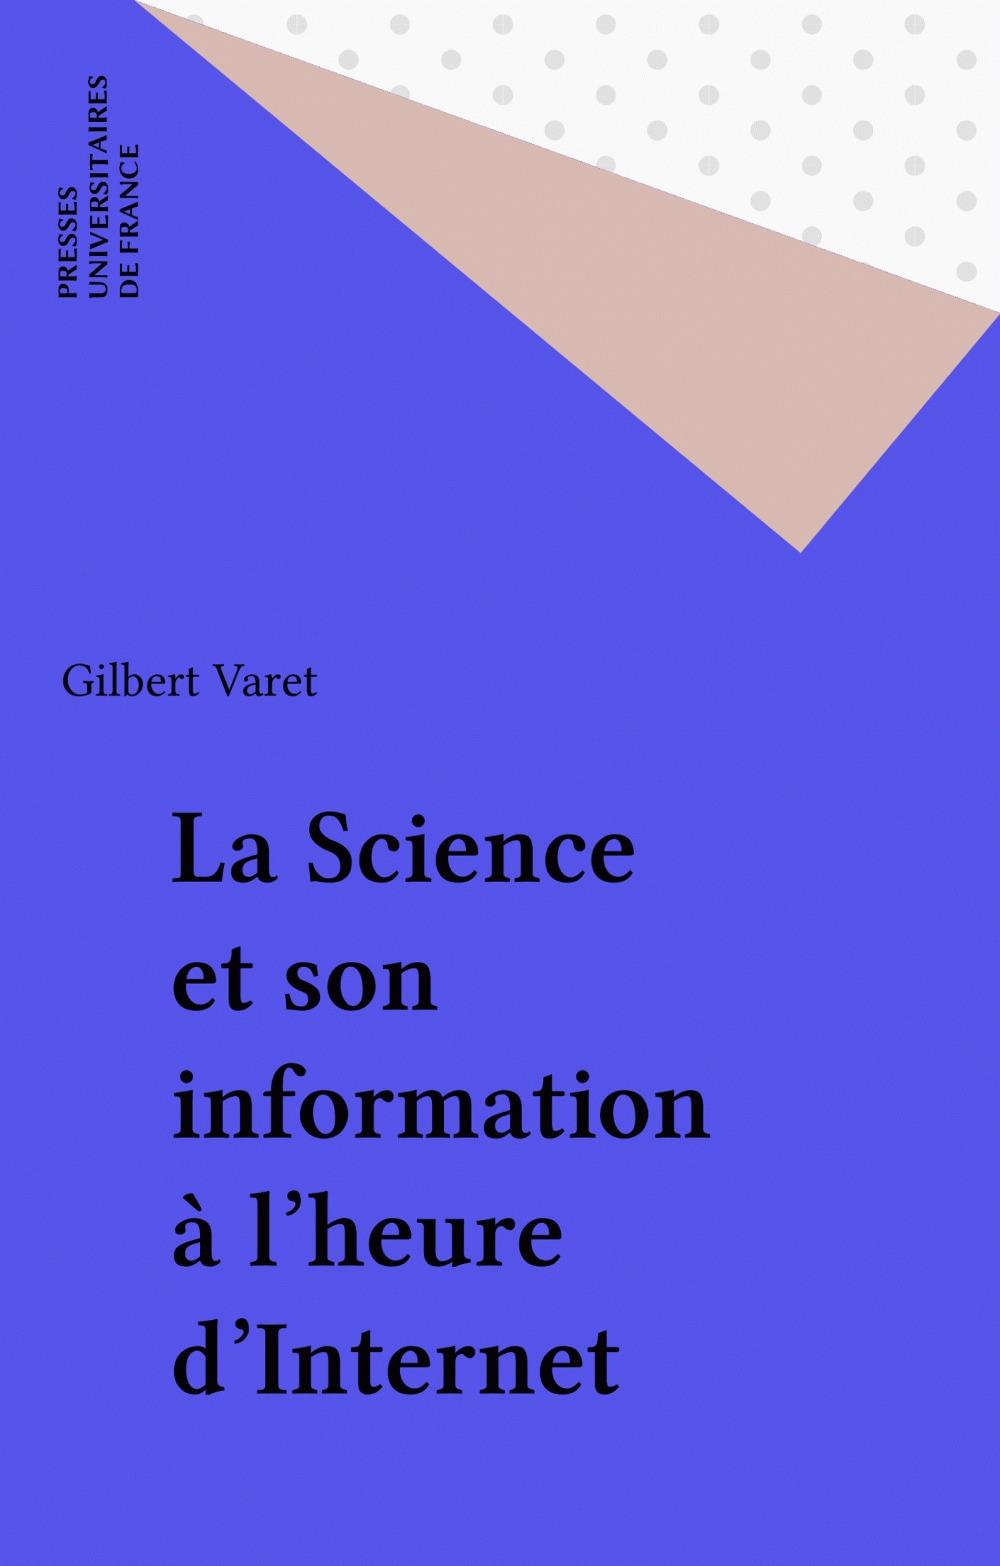 Gilbert Varet La Science et son information à l'heure d'Internet